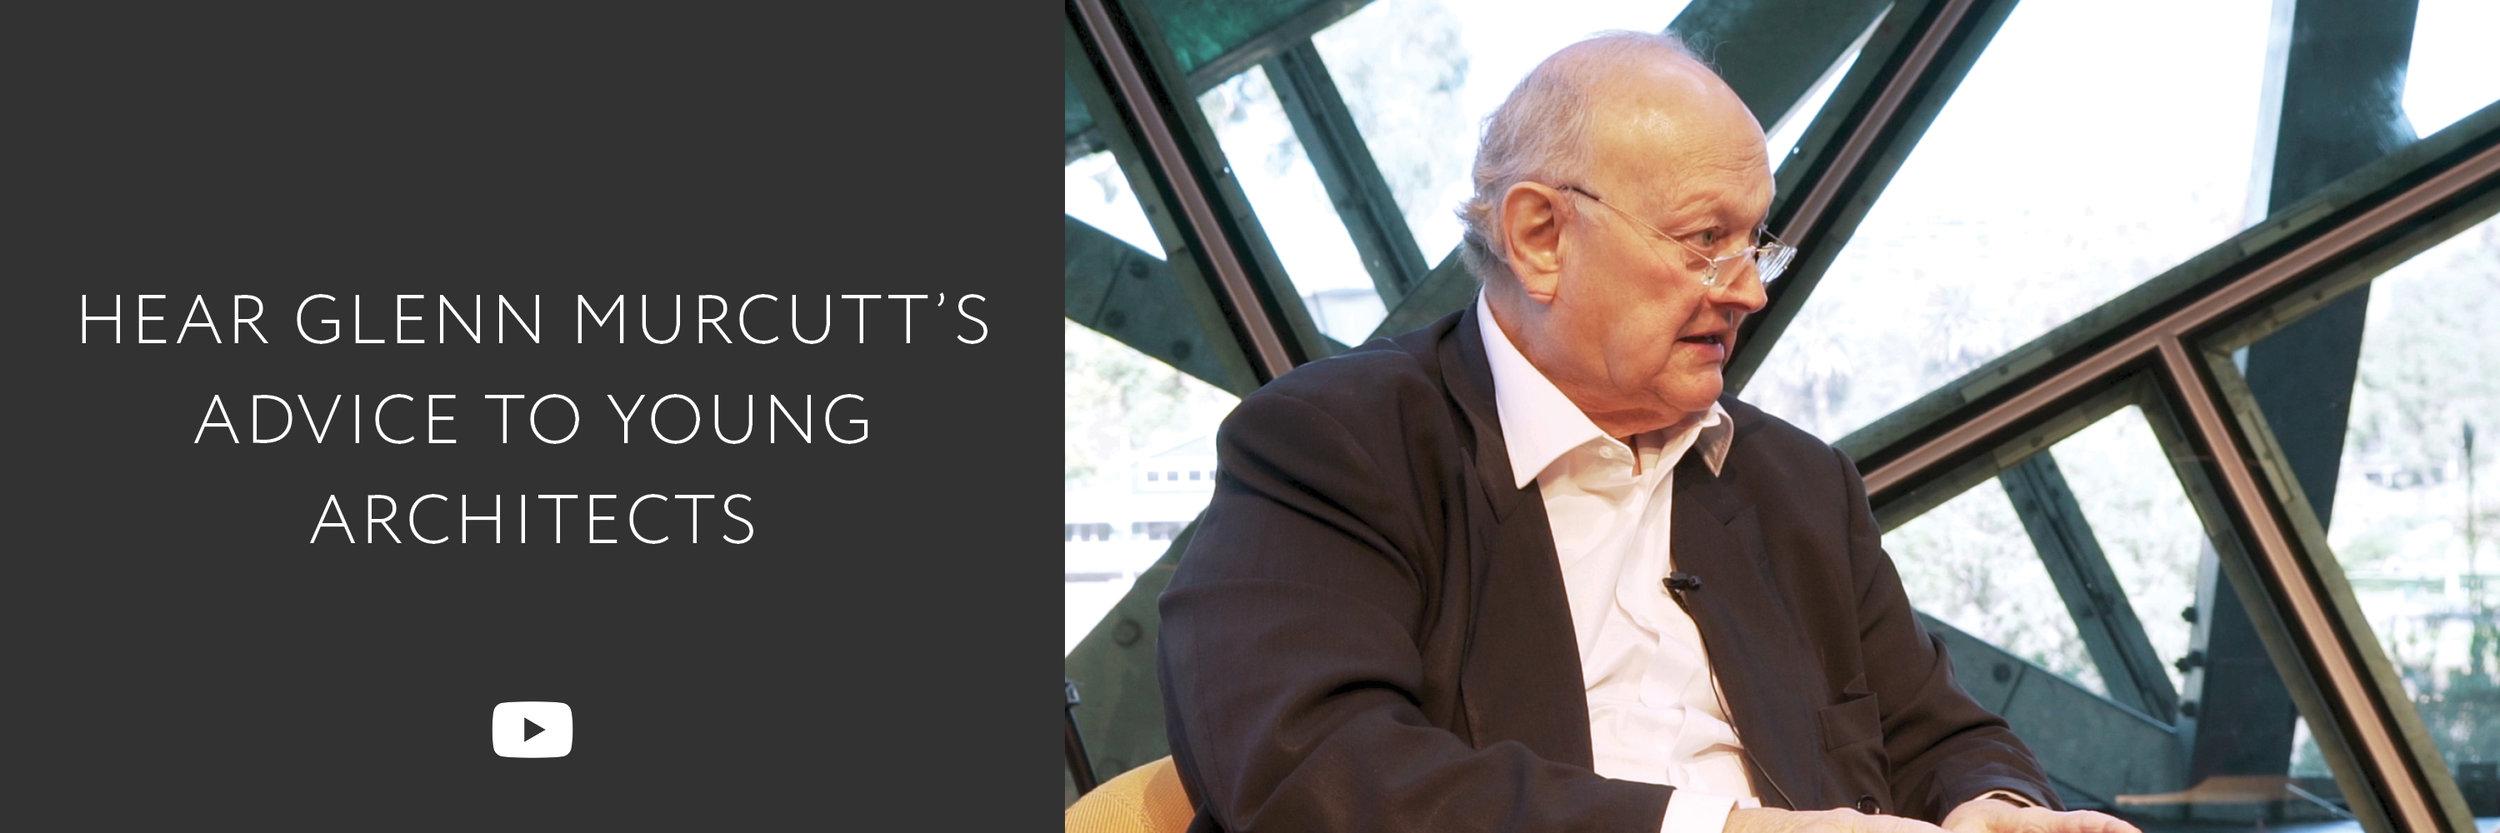 Glenn Murcutt advice young architects | Australian architect